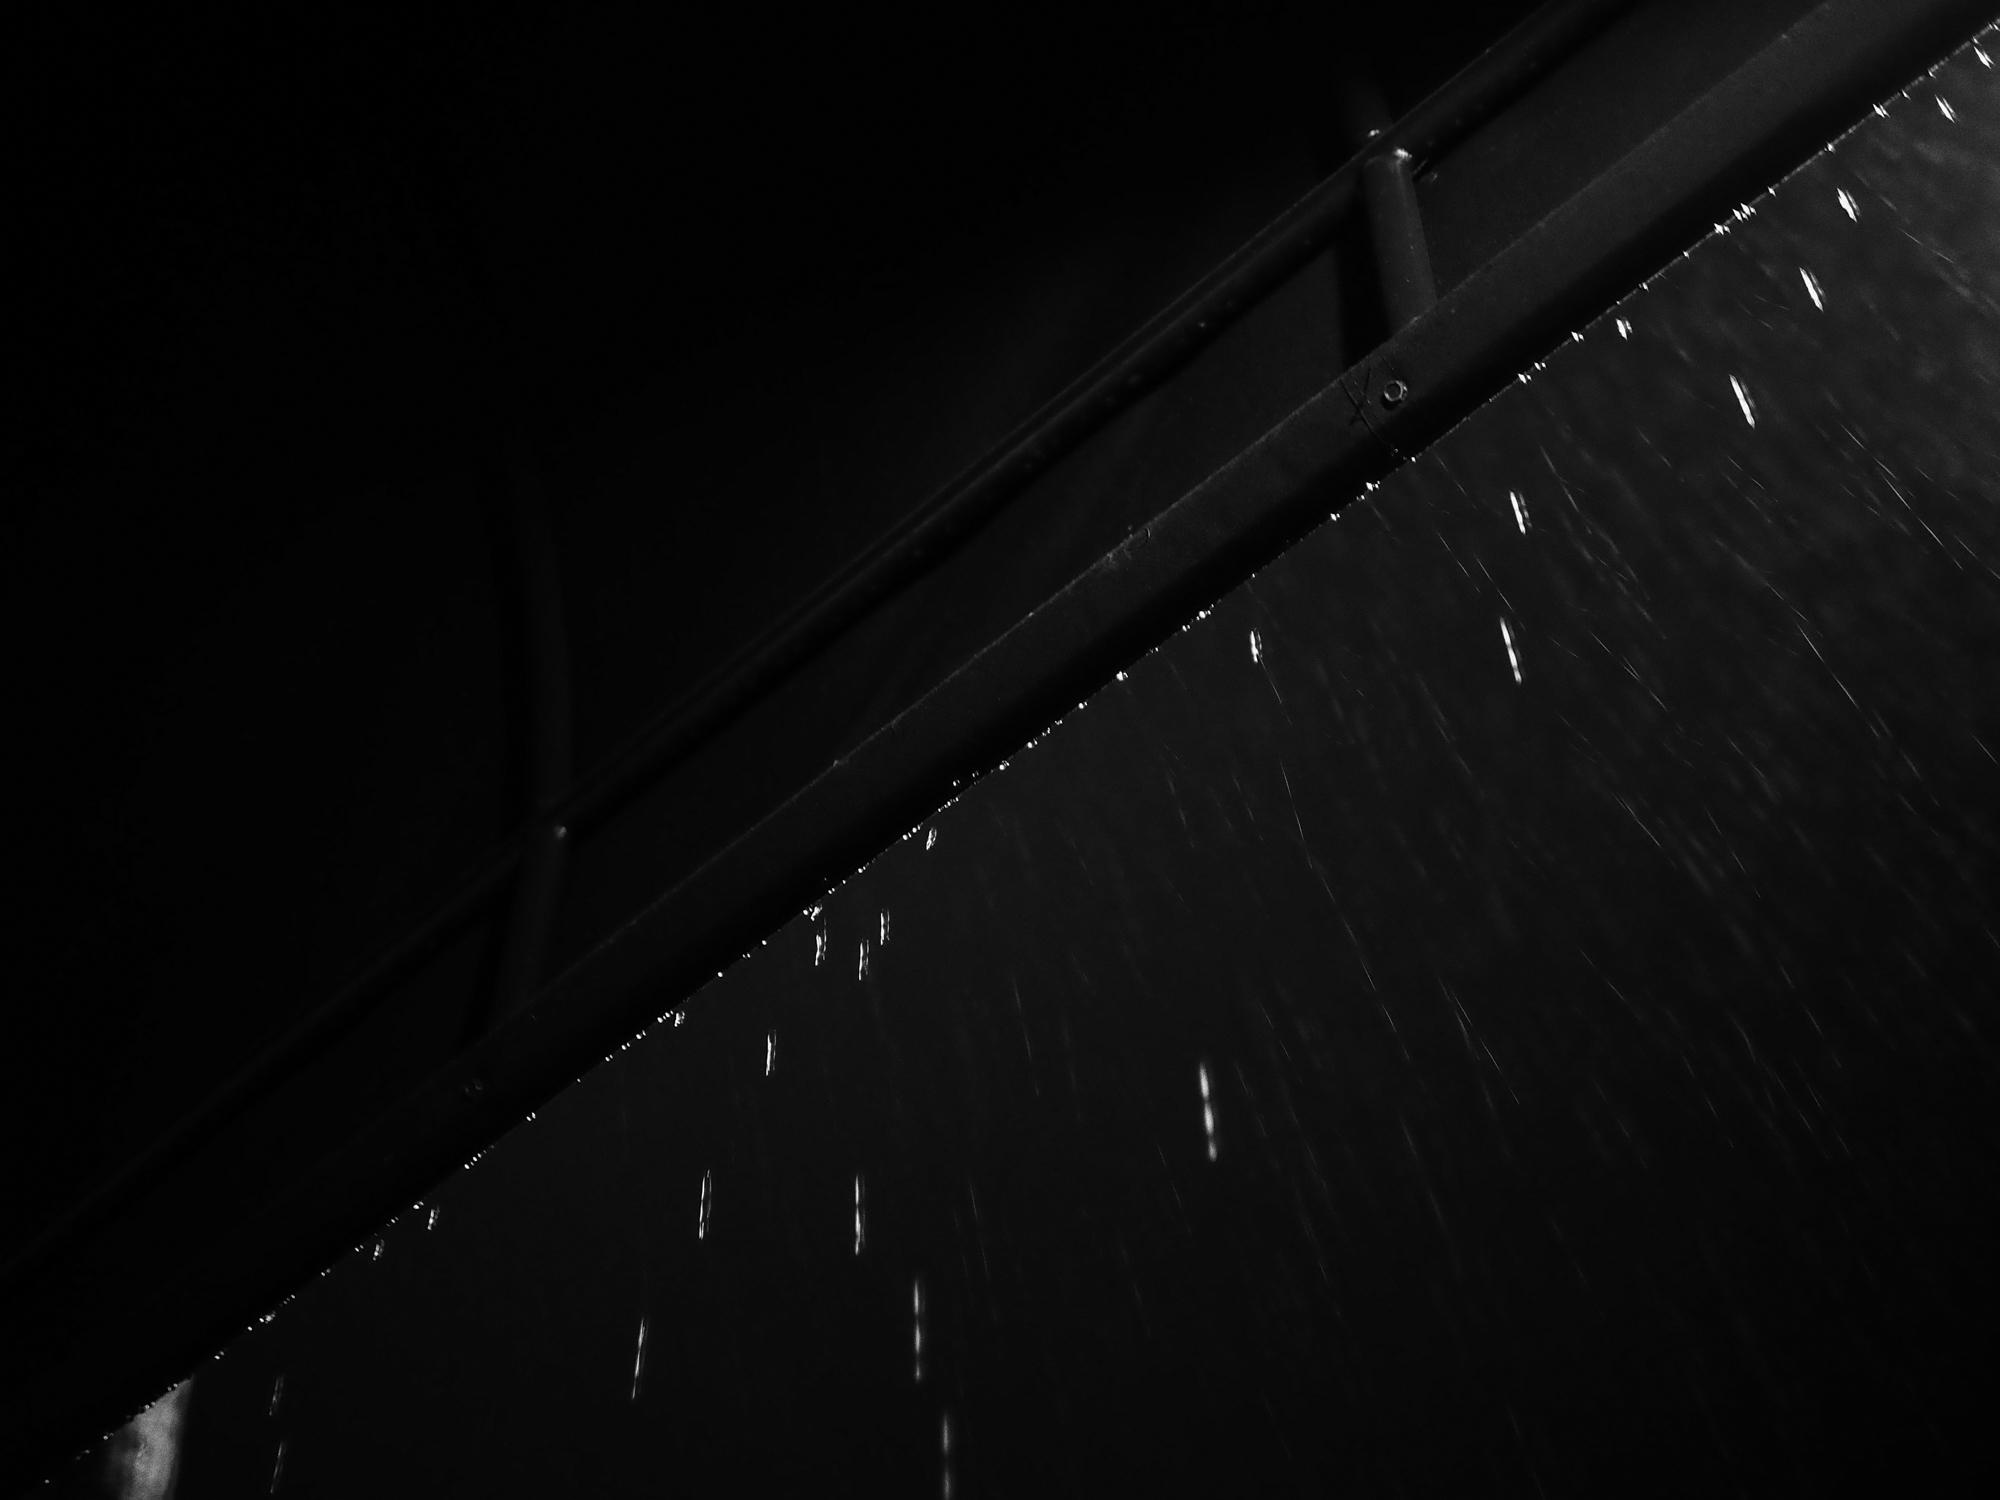 Divided 1 / Wet vs Dry